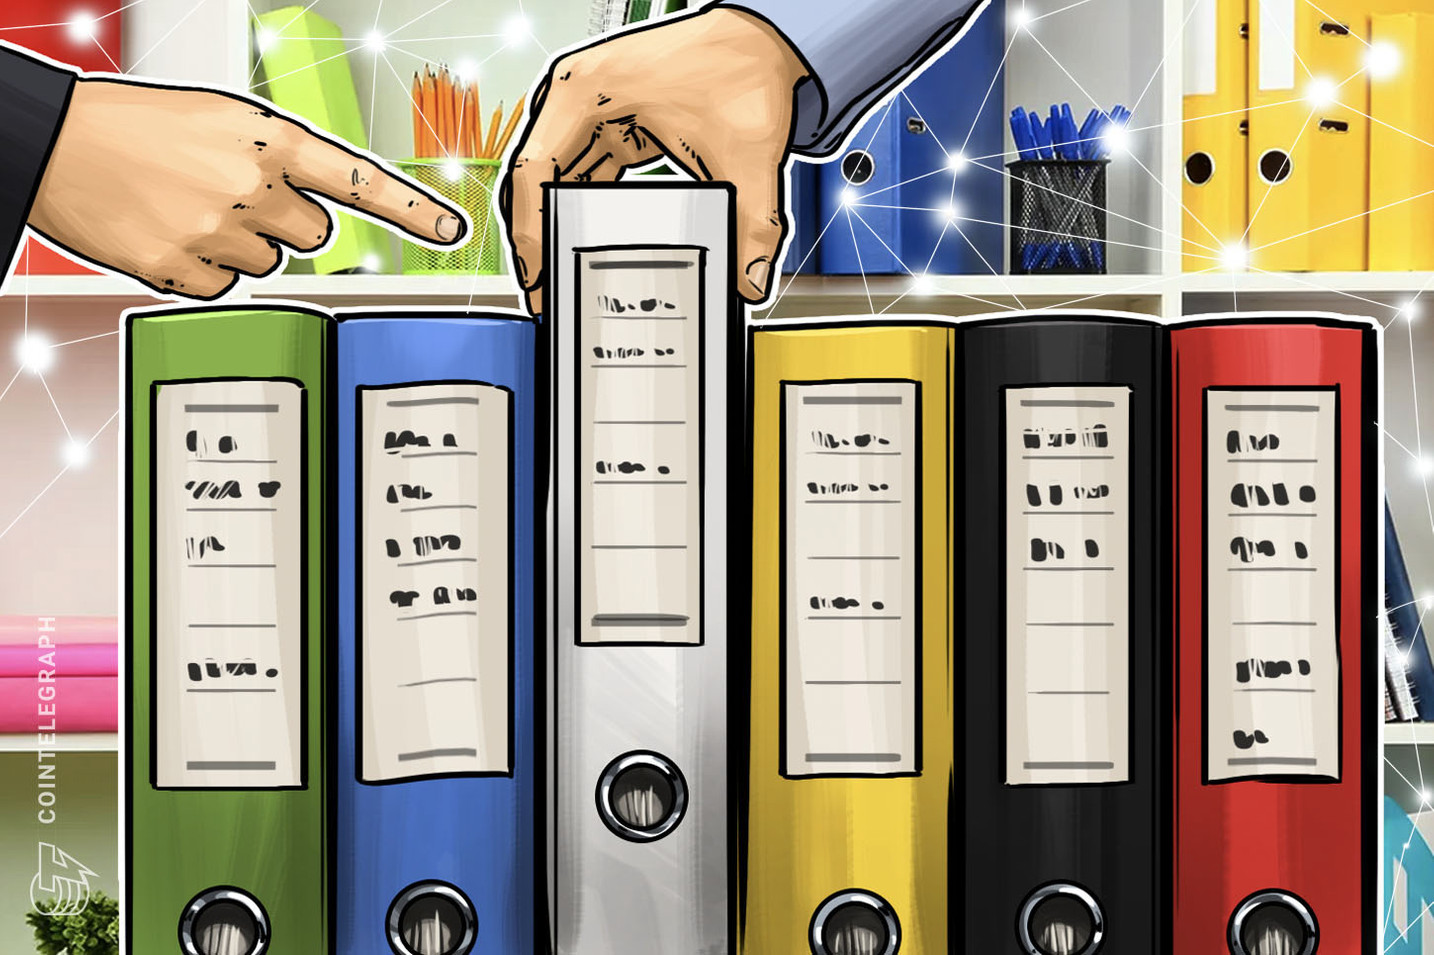 US-Bundesstaat Washington erkennt Blockchain-Einträge als rechtlich bindend an